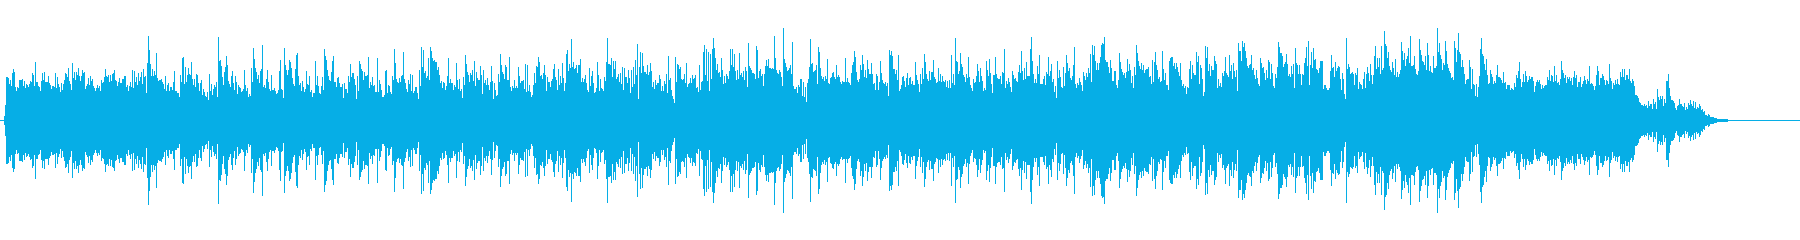 スマートなBGM(メロ無しバージョン)の再生済みの波形